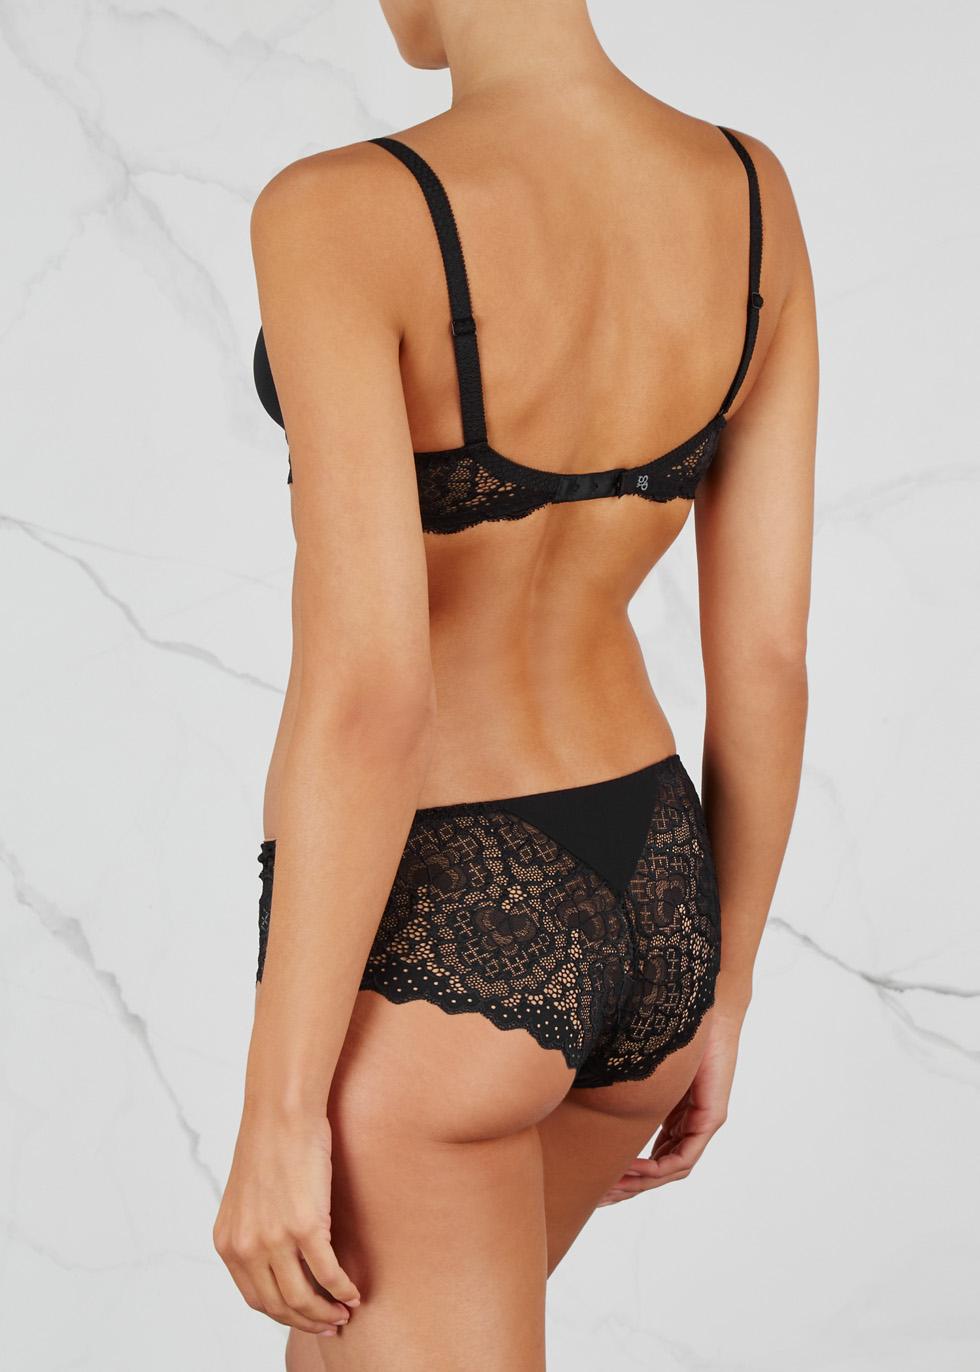 Caresse black lace briefs - Simone Pérèle